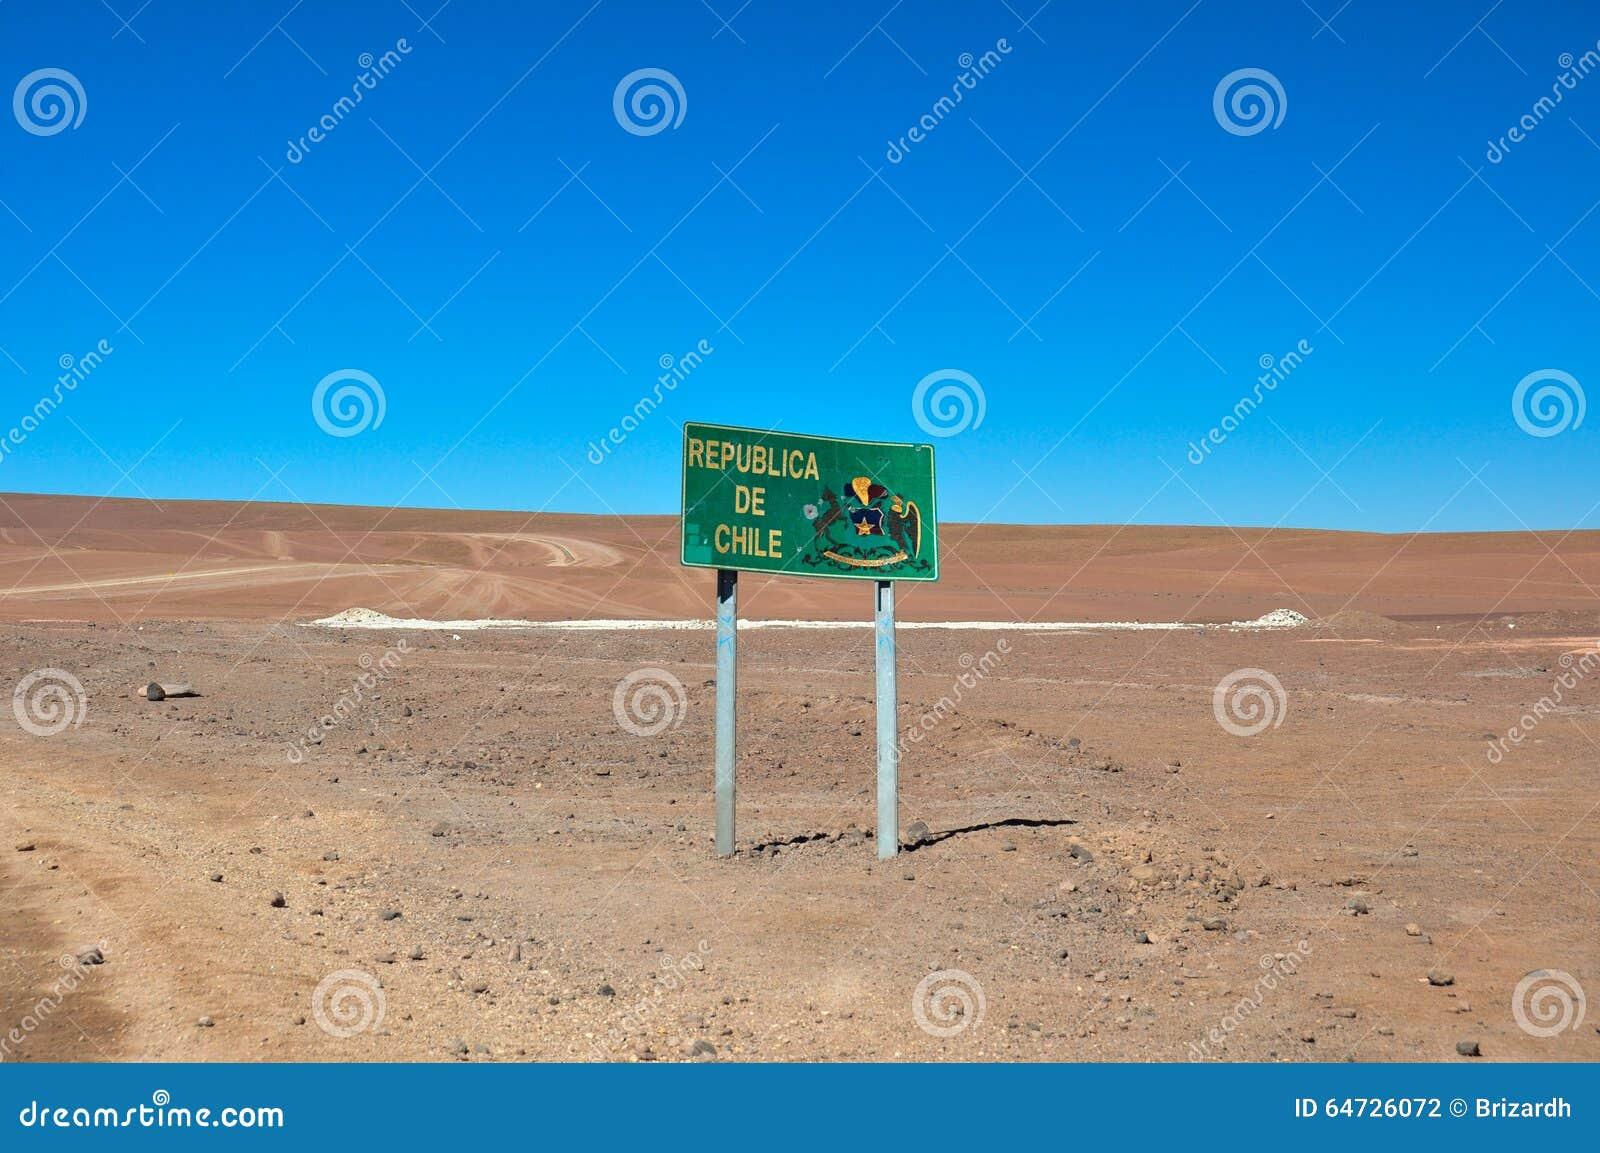 Benvenuto in Repubblica del Cile!